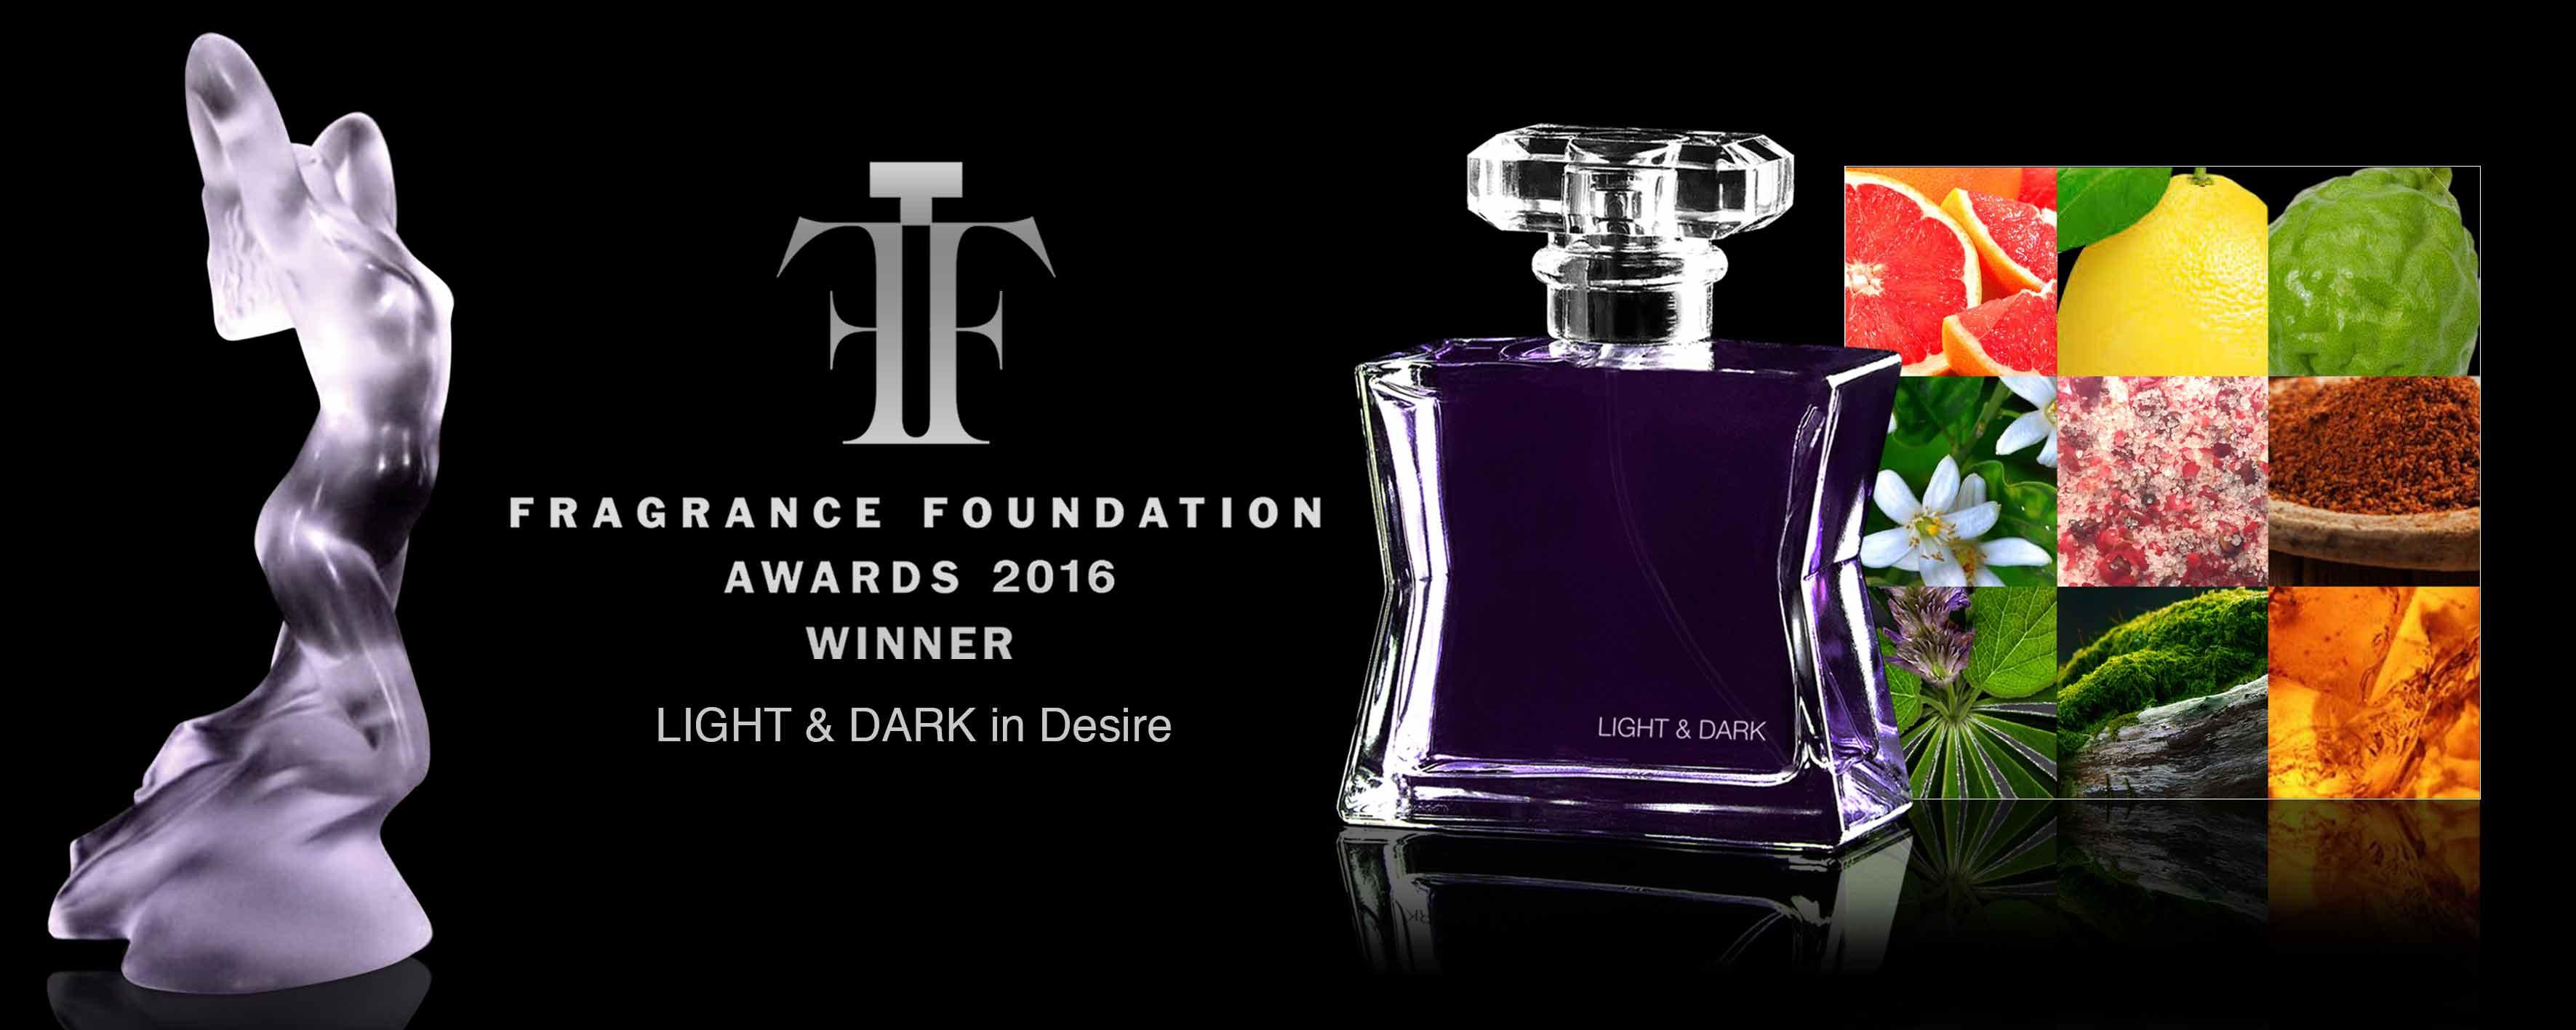 FiFi Award News